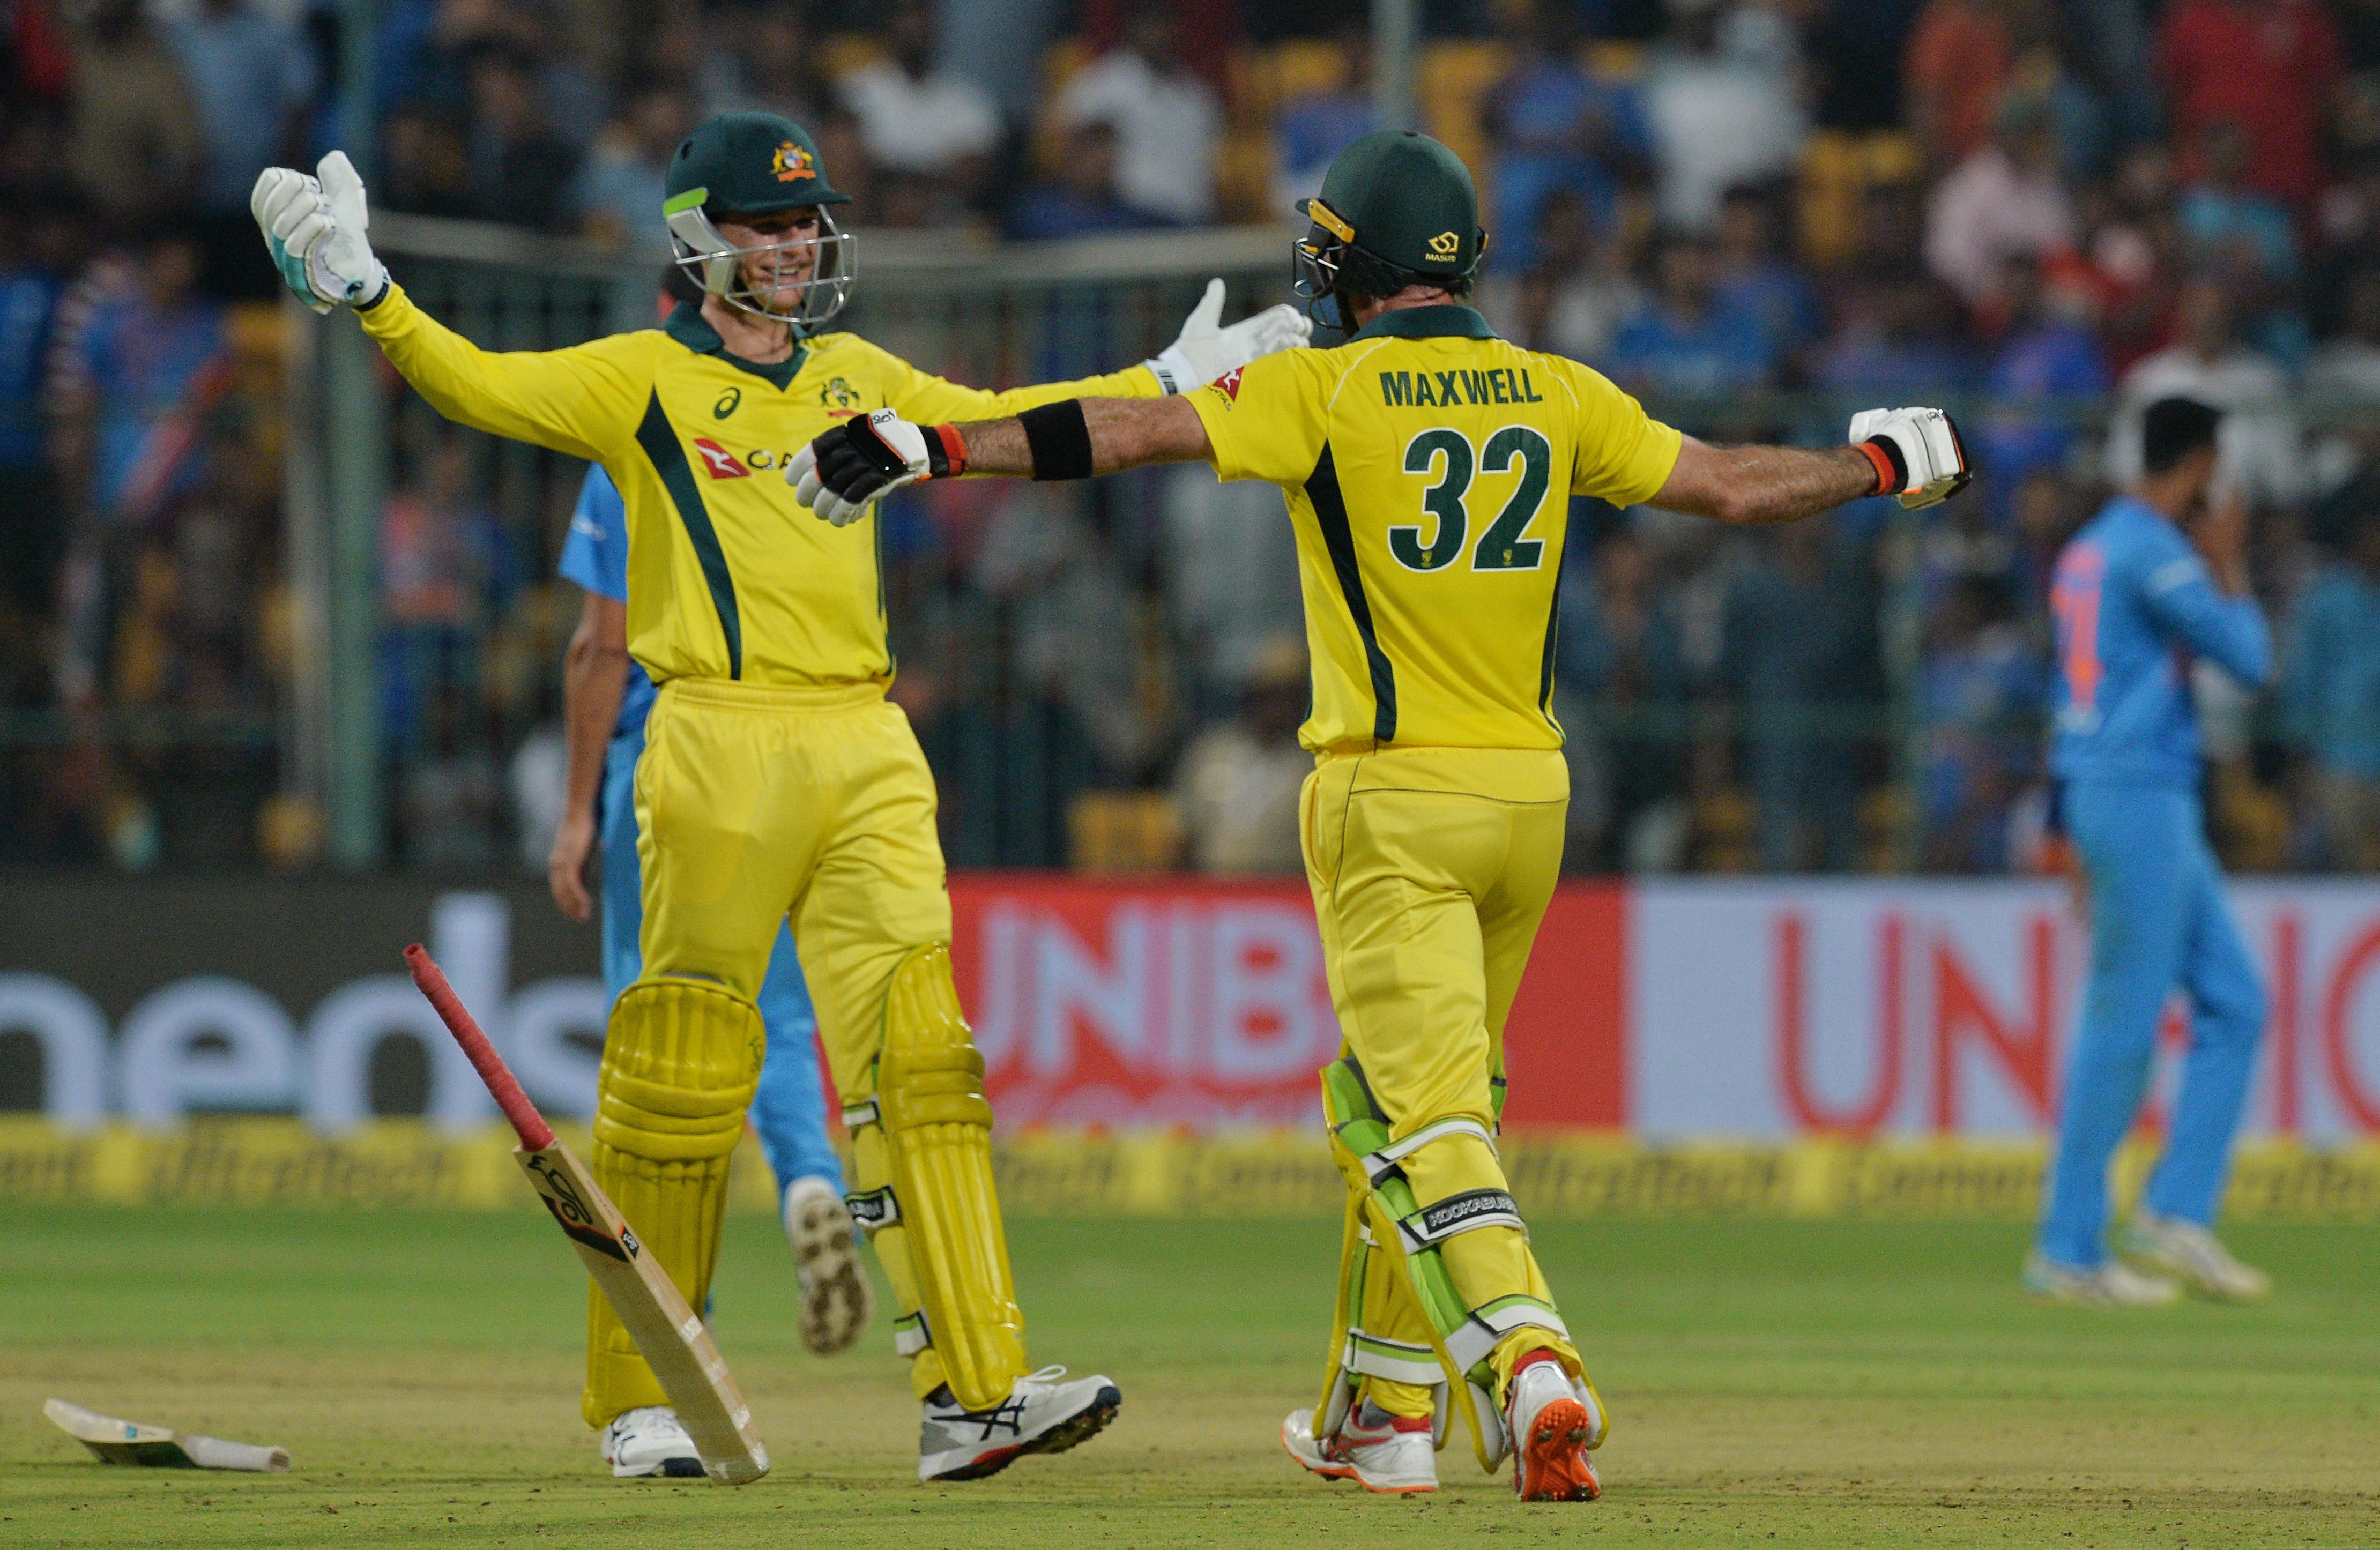 दूसरा टी20: ऑस्ट्रेलिया ने भारत को 7 विकेट से हराकर सीरीज 2-0 से जीती